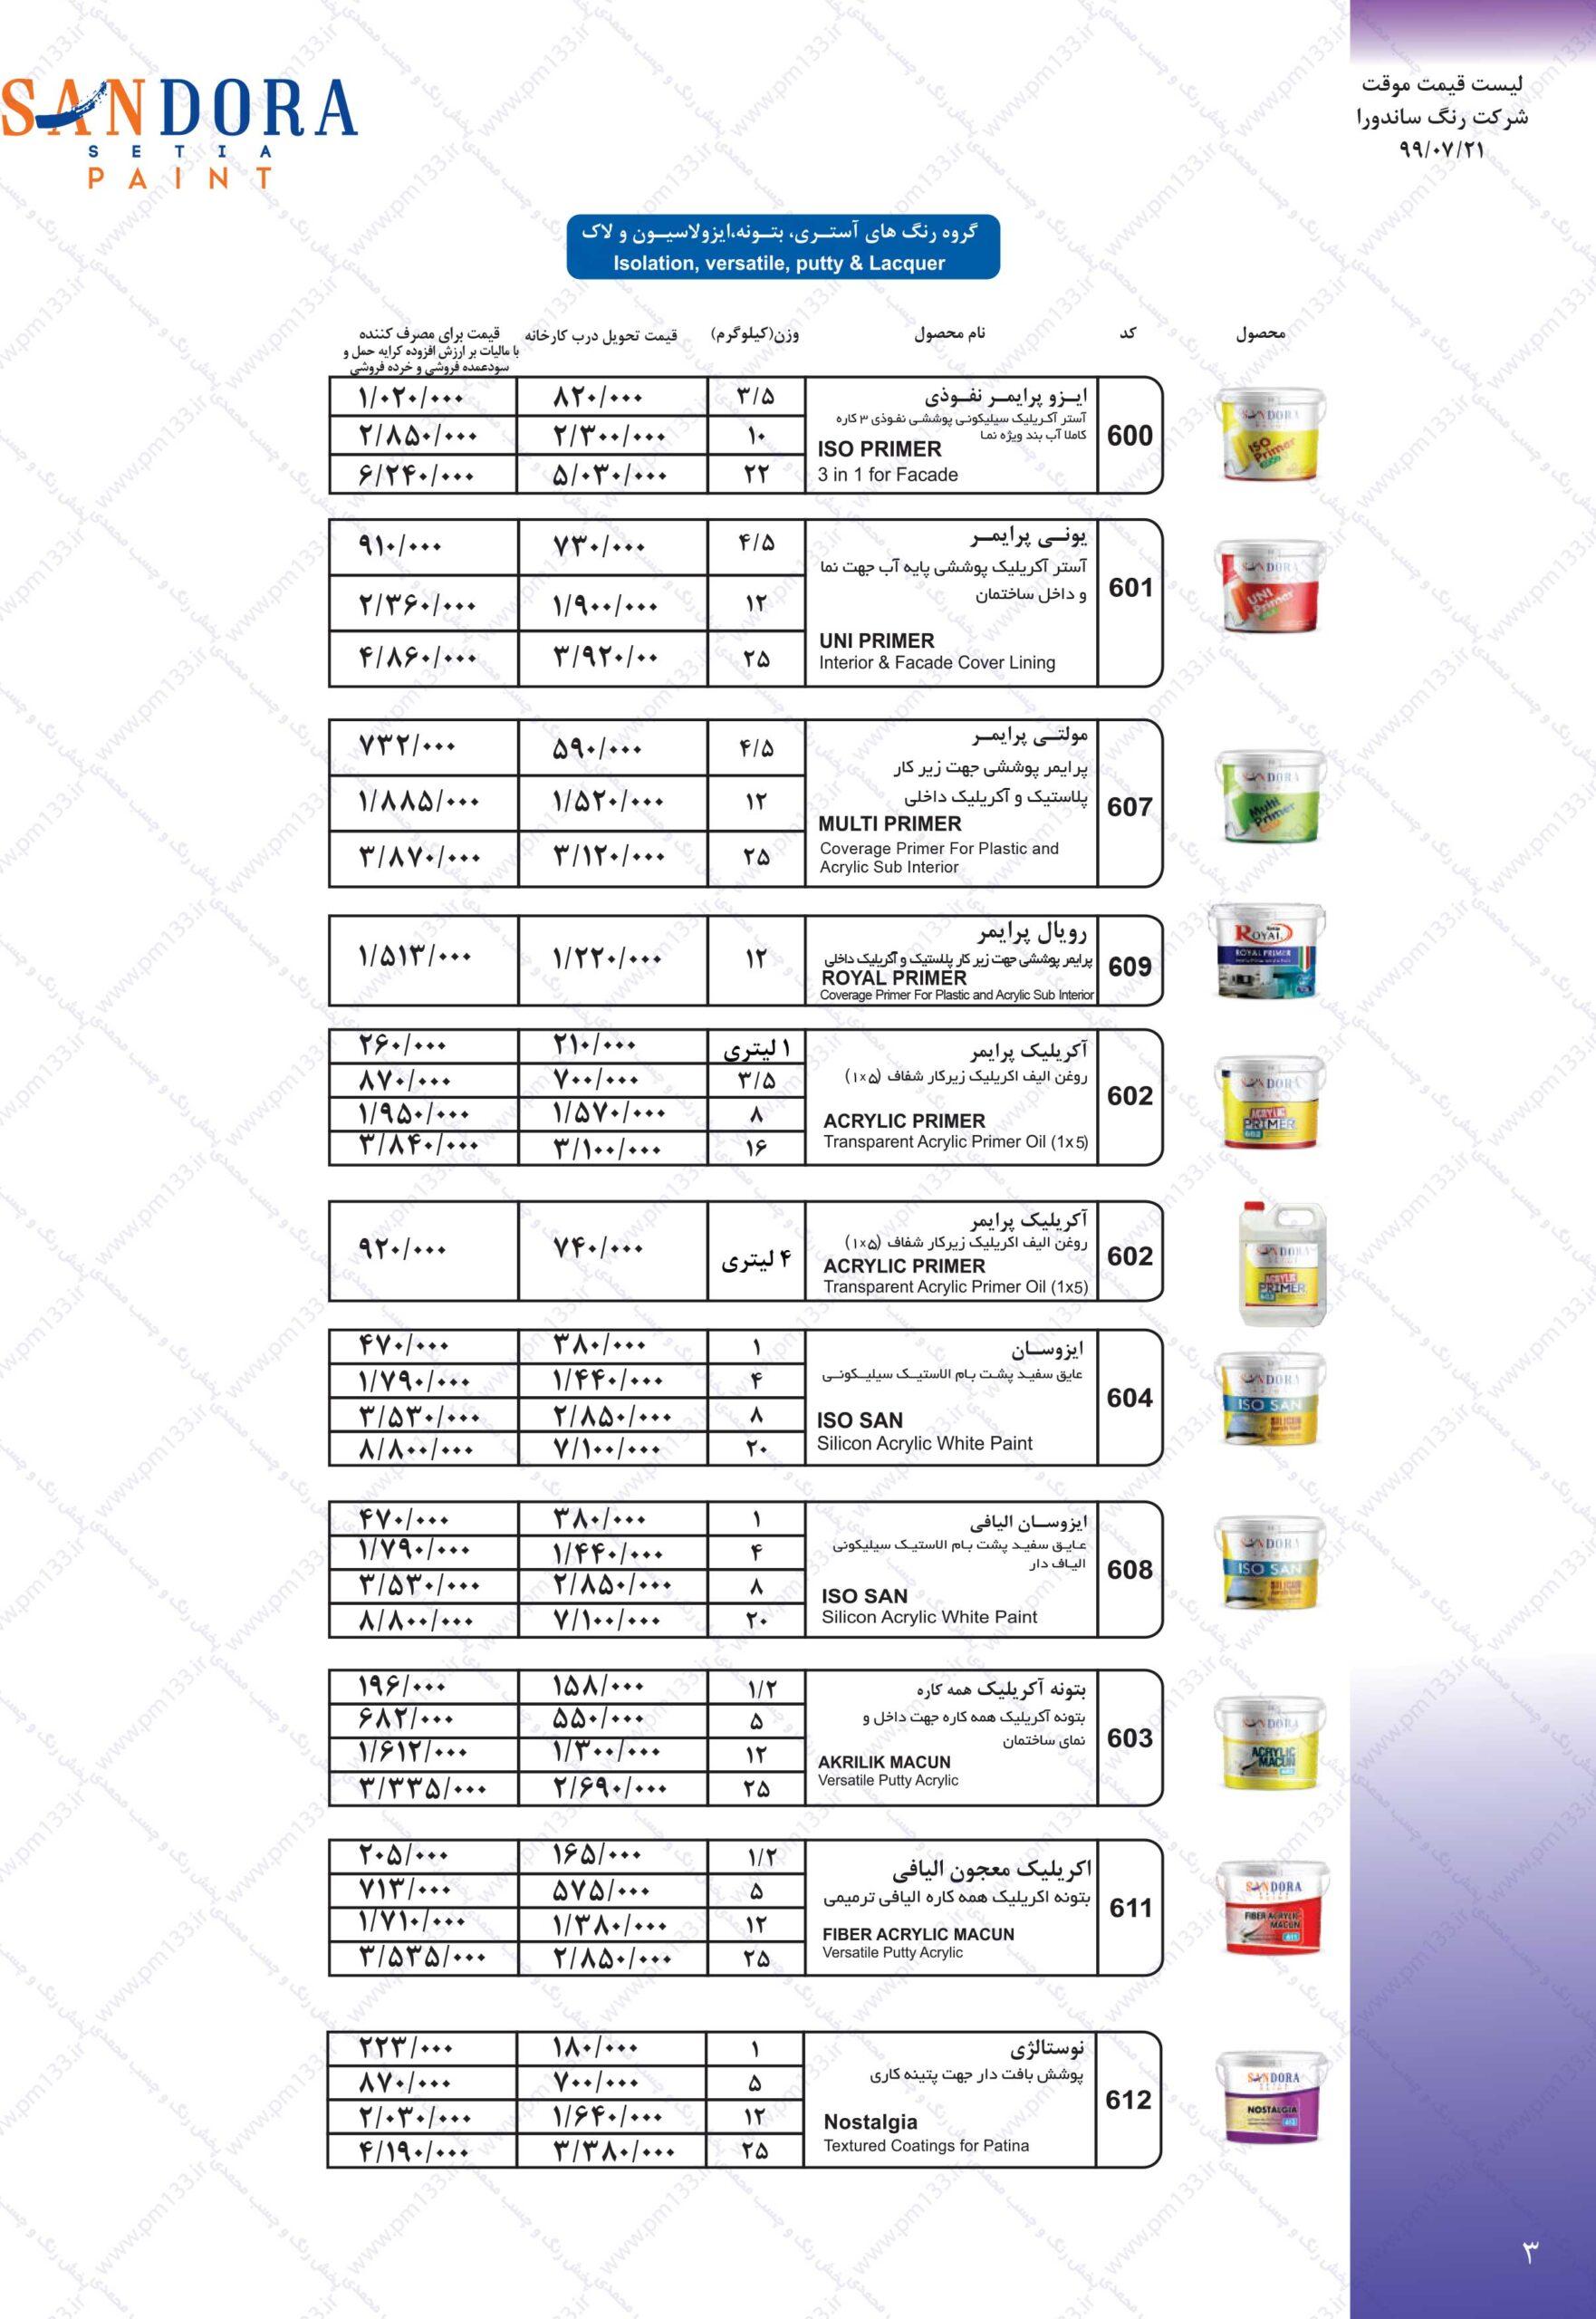 ساندورا لیست قیمت رنگ ساندورا21-07-99 صفحه سوم